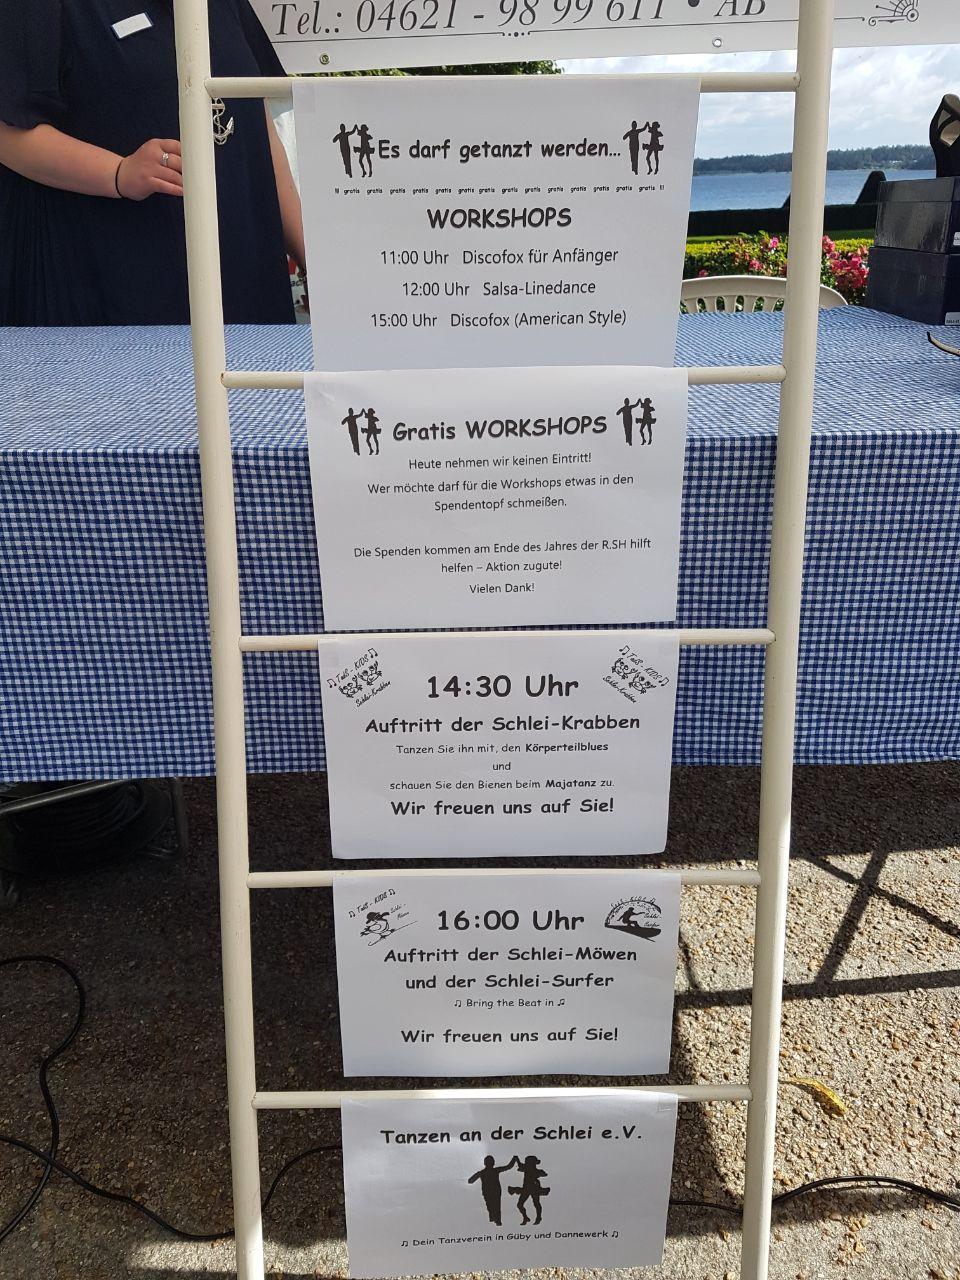 Für die Besucher des Schleidörfertags in Louisenlund bei Schleswig hat der Vorstand des Tanzvereins ein buntes Programm zusammengestellt